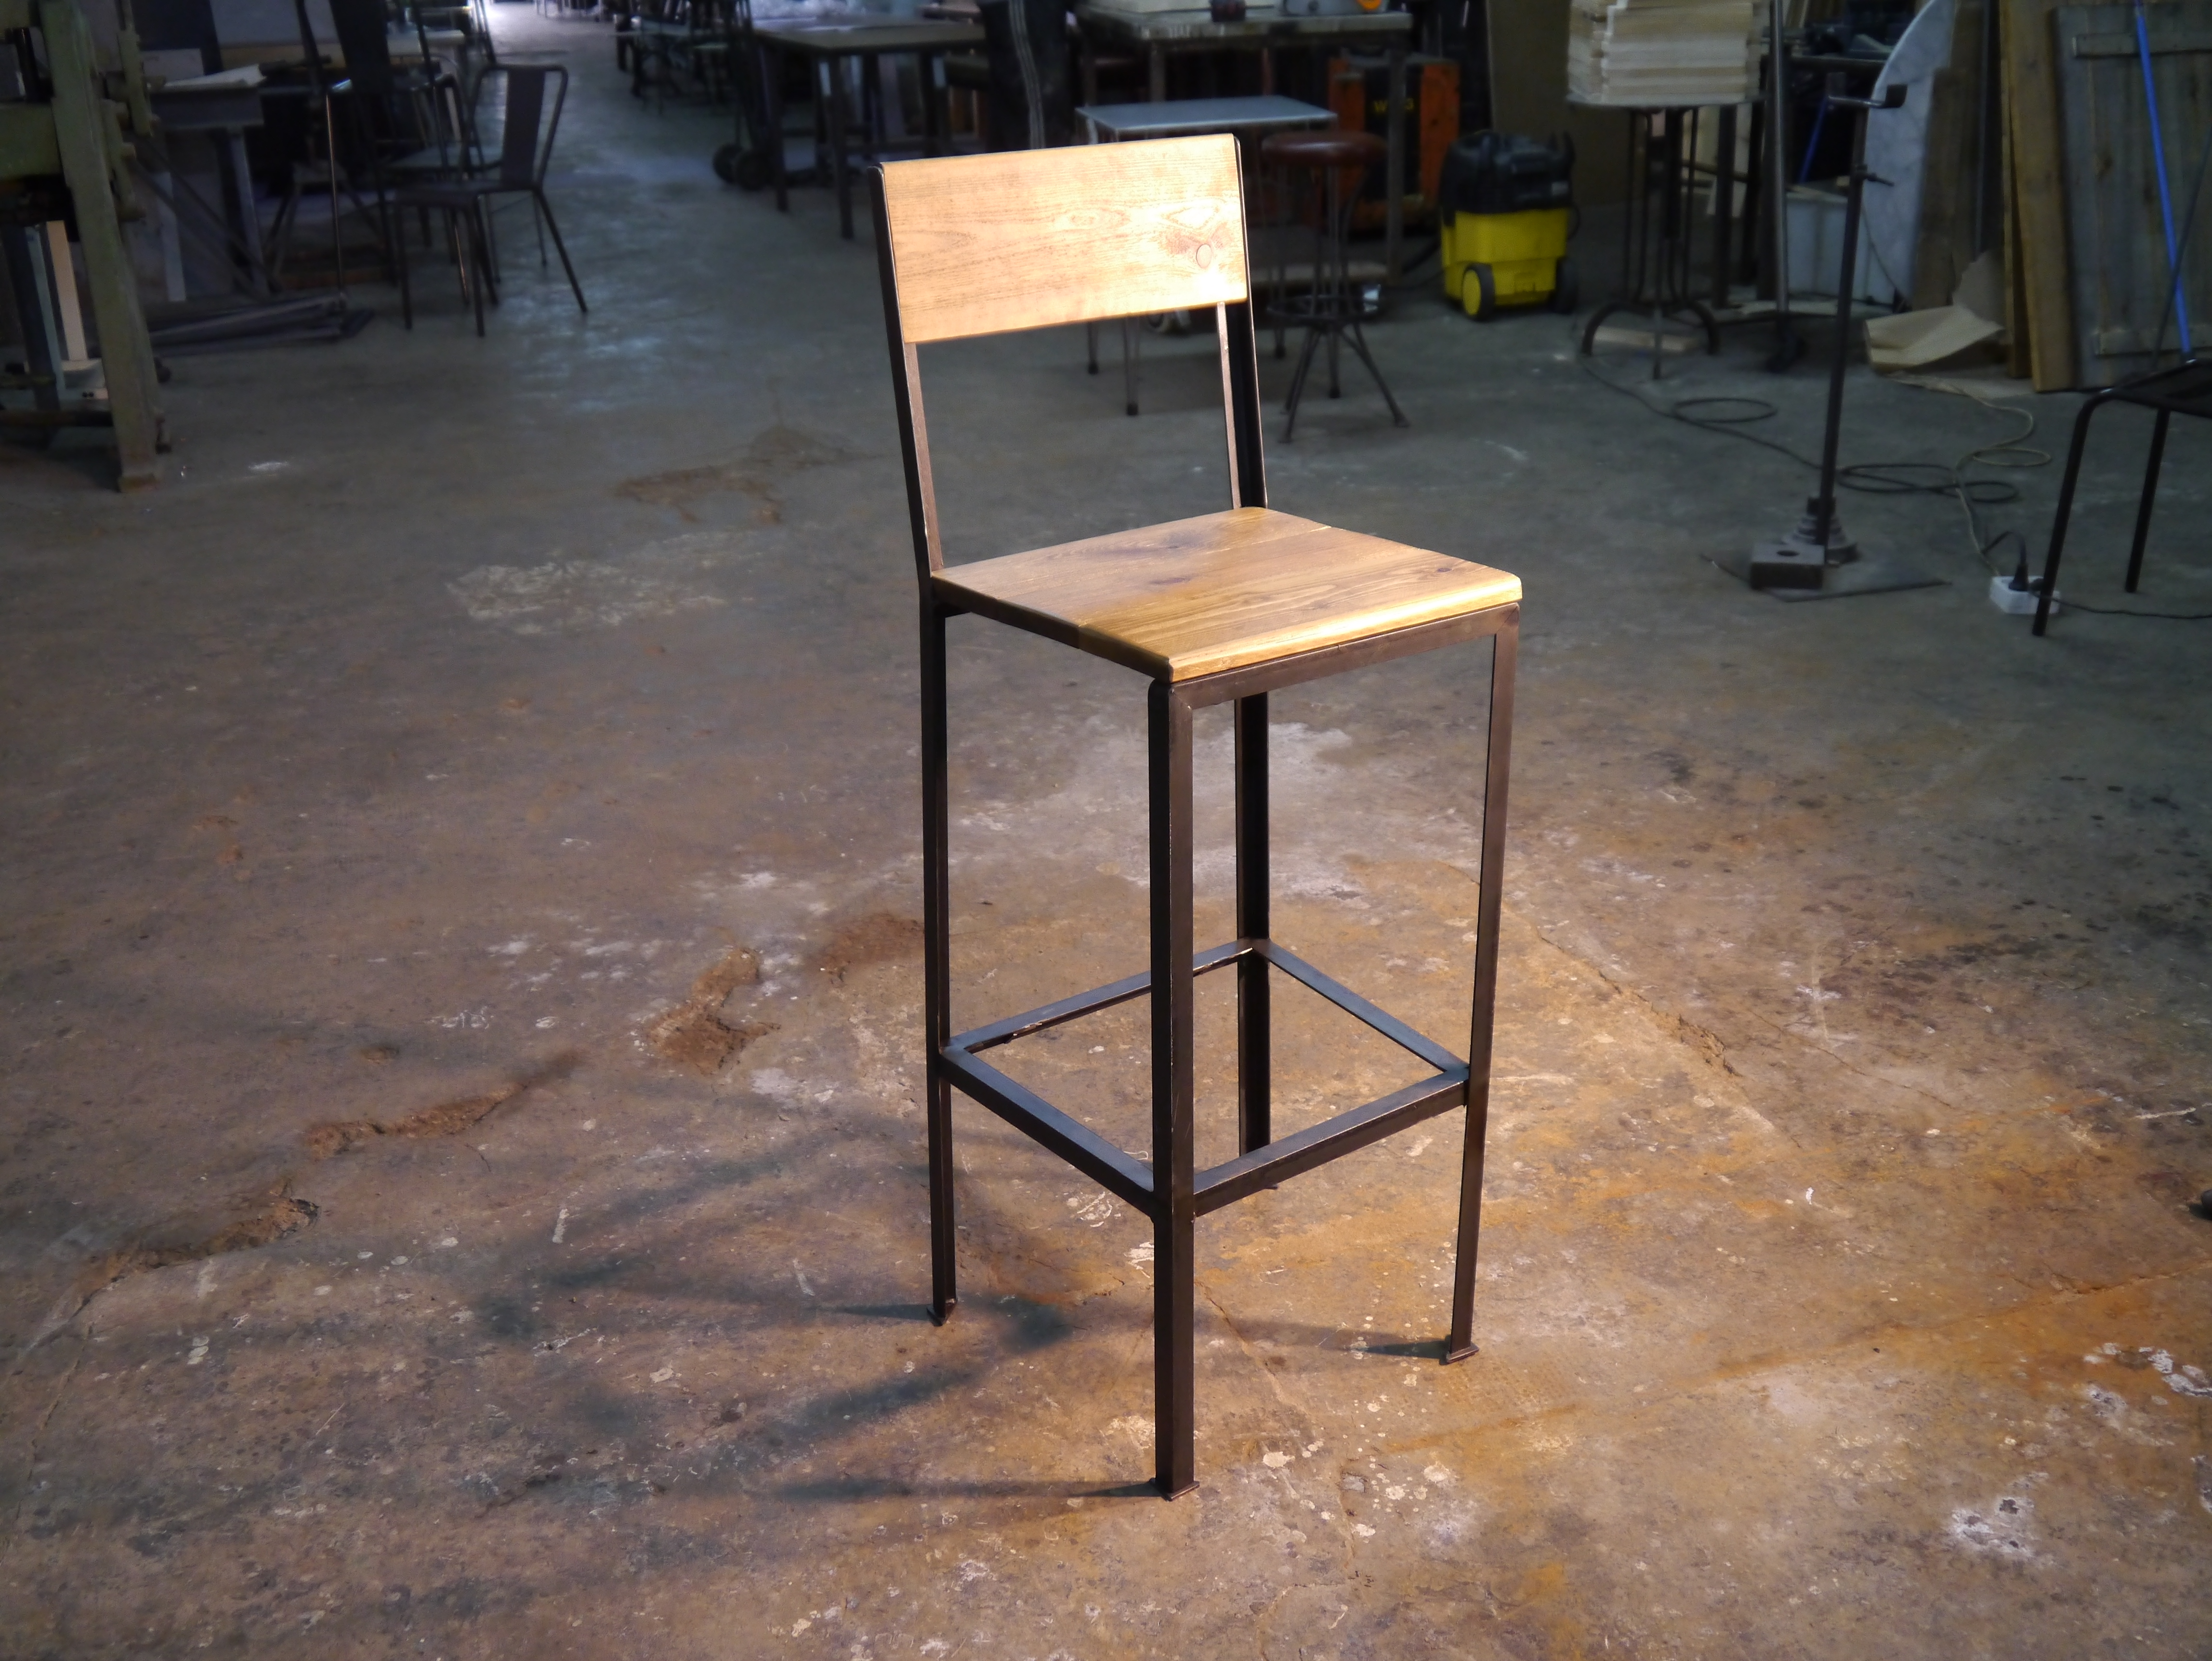 Mesas y sillas retro mobiliario vintage de estilo Mesas industriales vintage